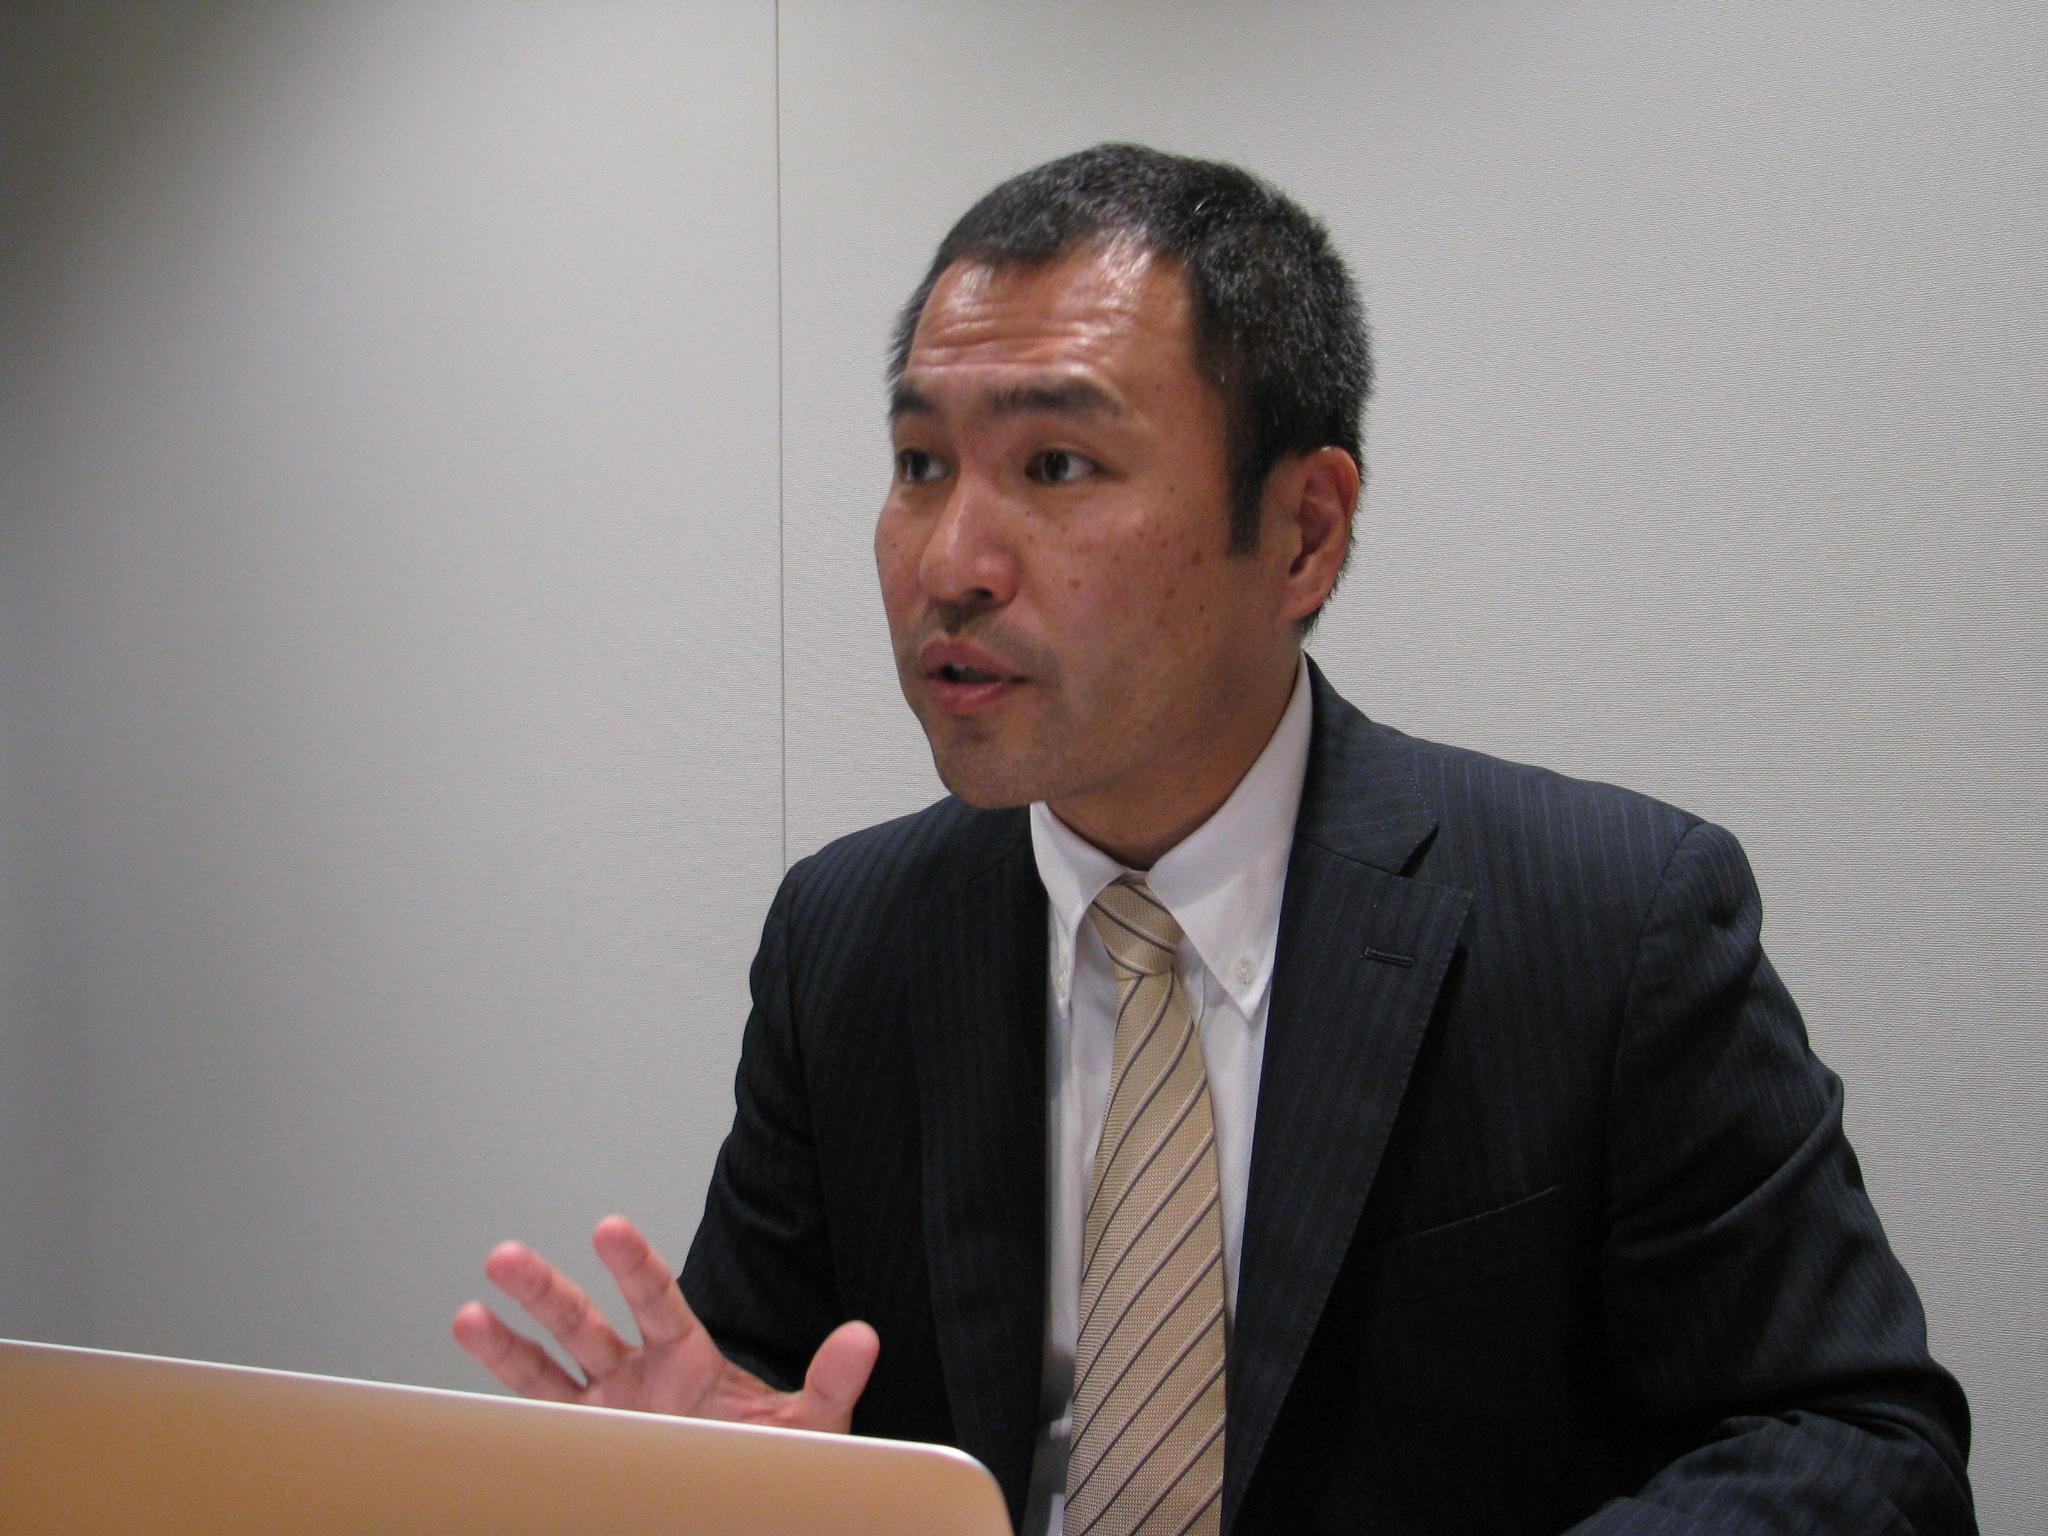 民泊大手「Airbnb」の日本トップに聞いてきた -民泊の理解は日本で進んでいるのか?